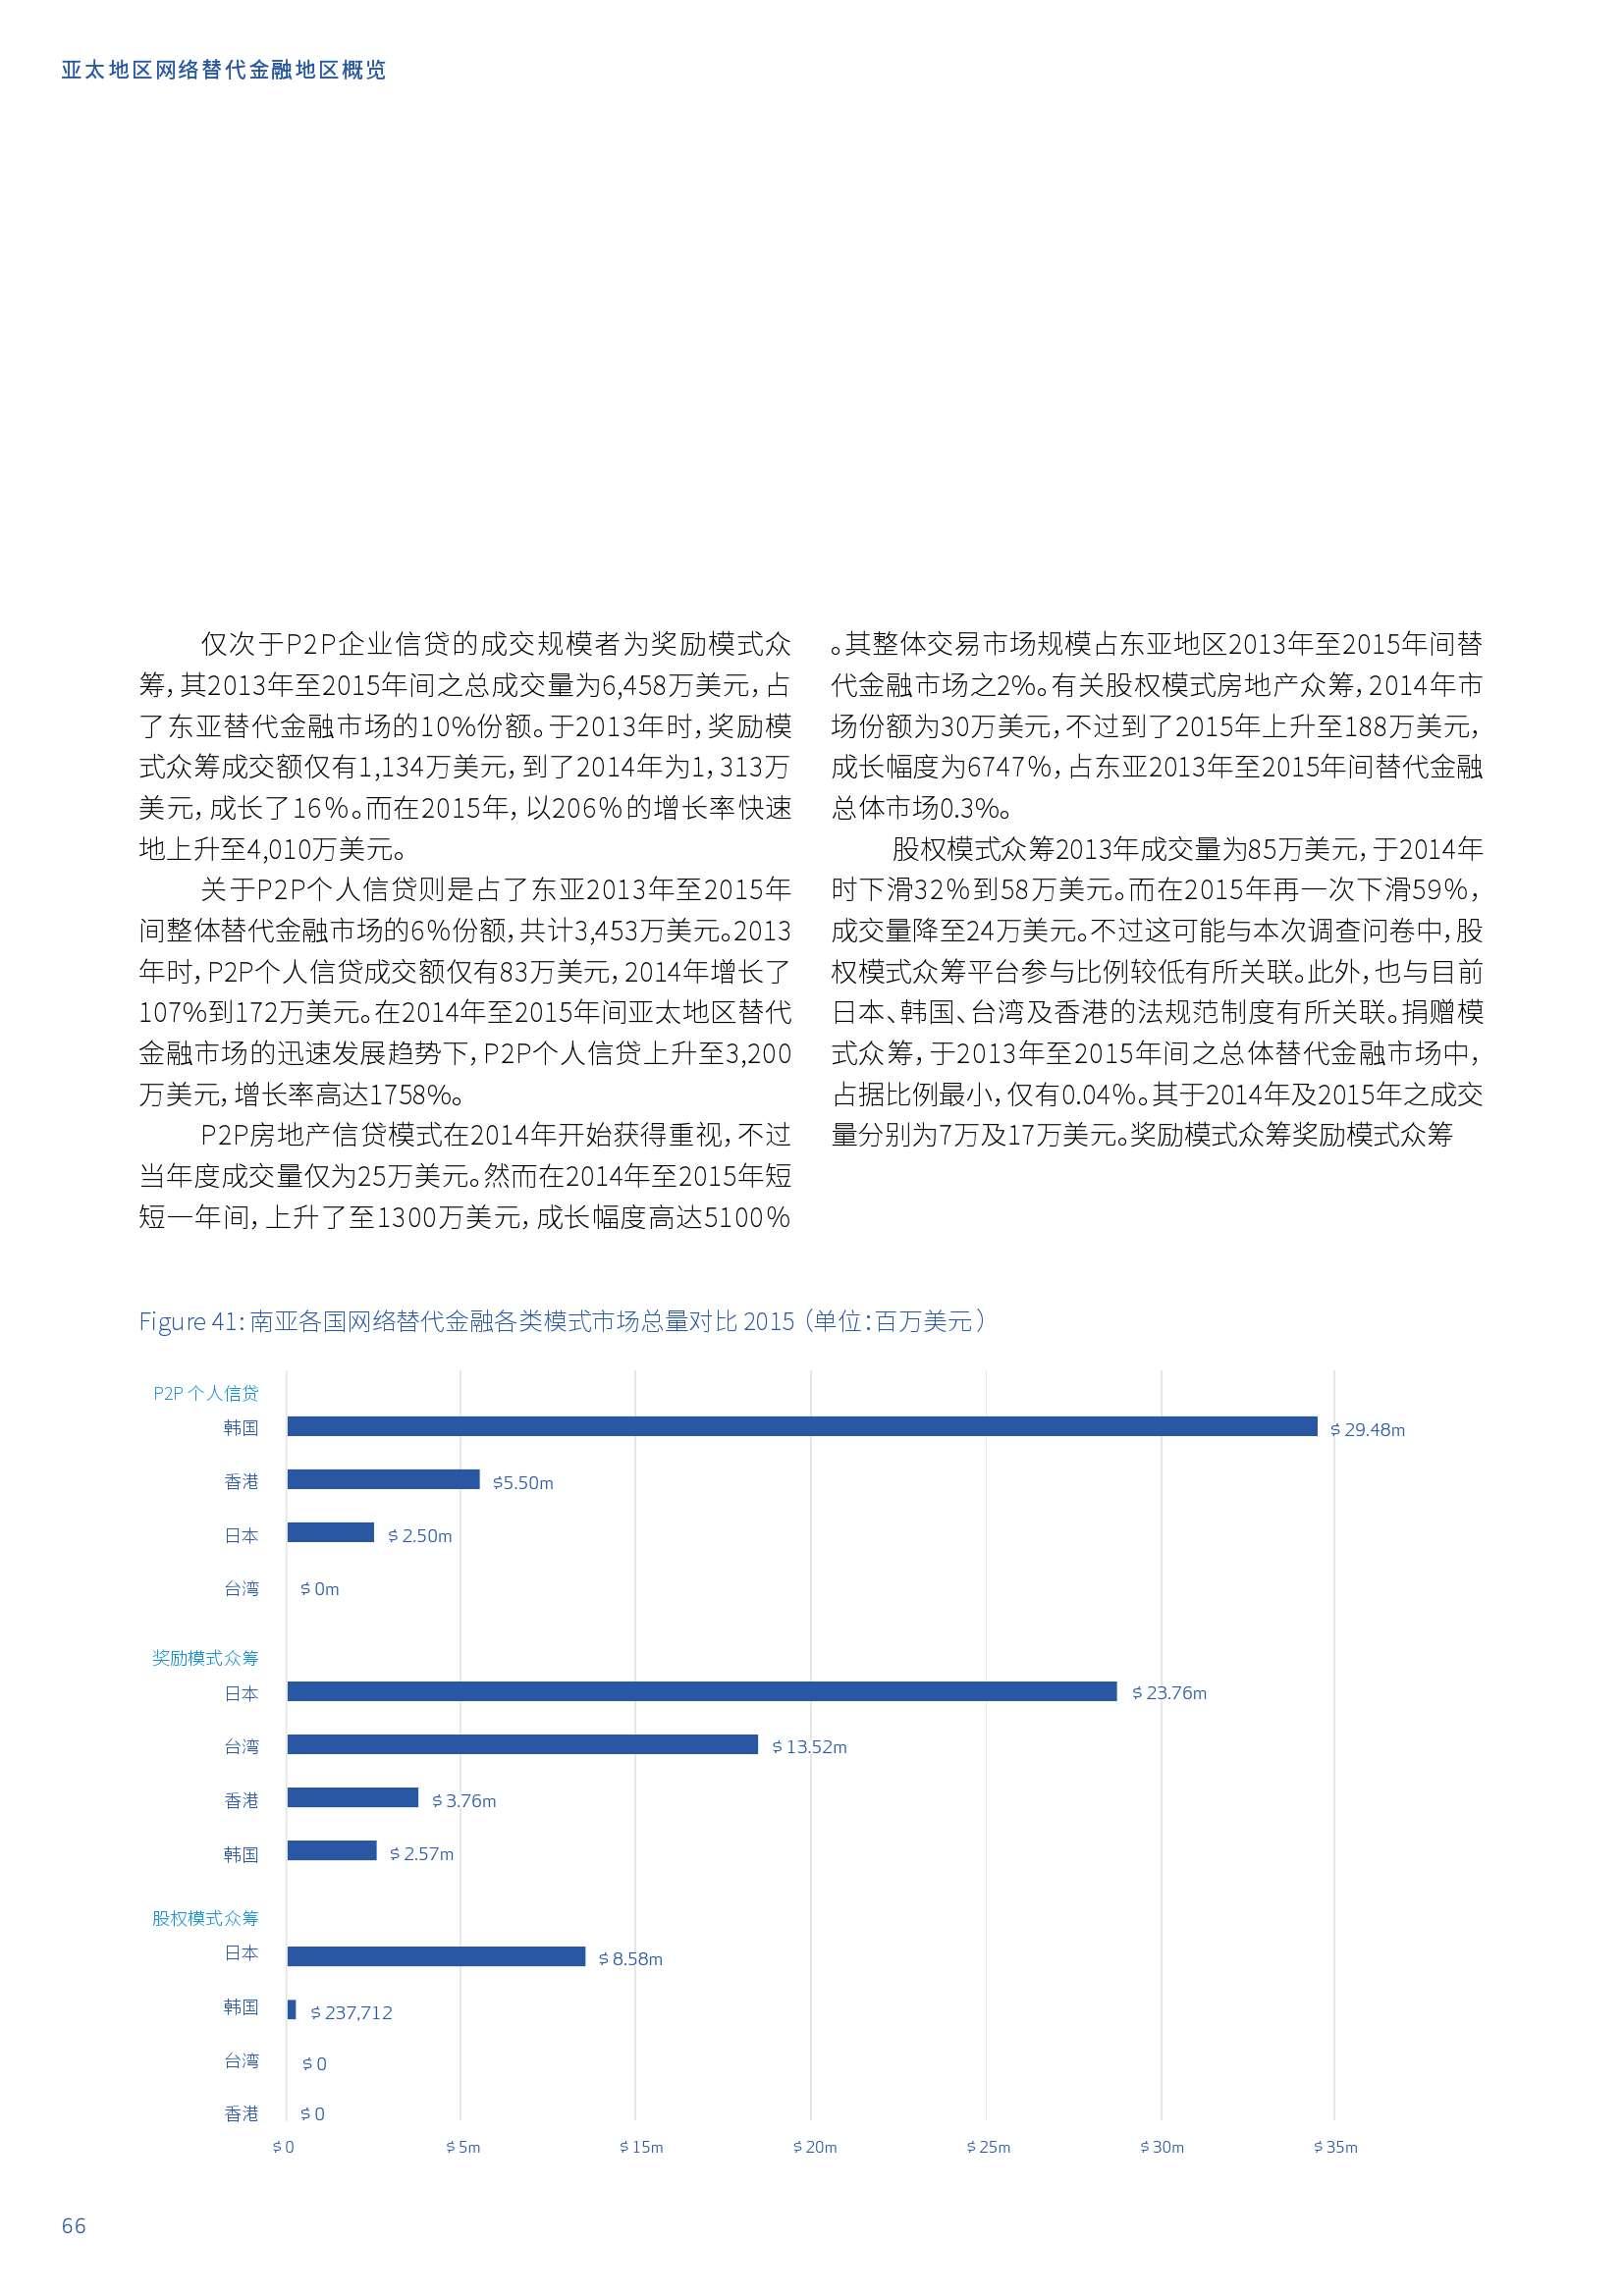 亚太地区网络替代金融基准报告_000066